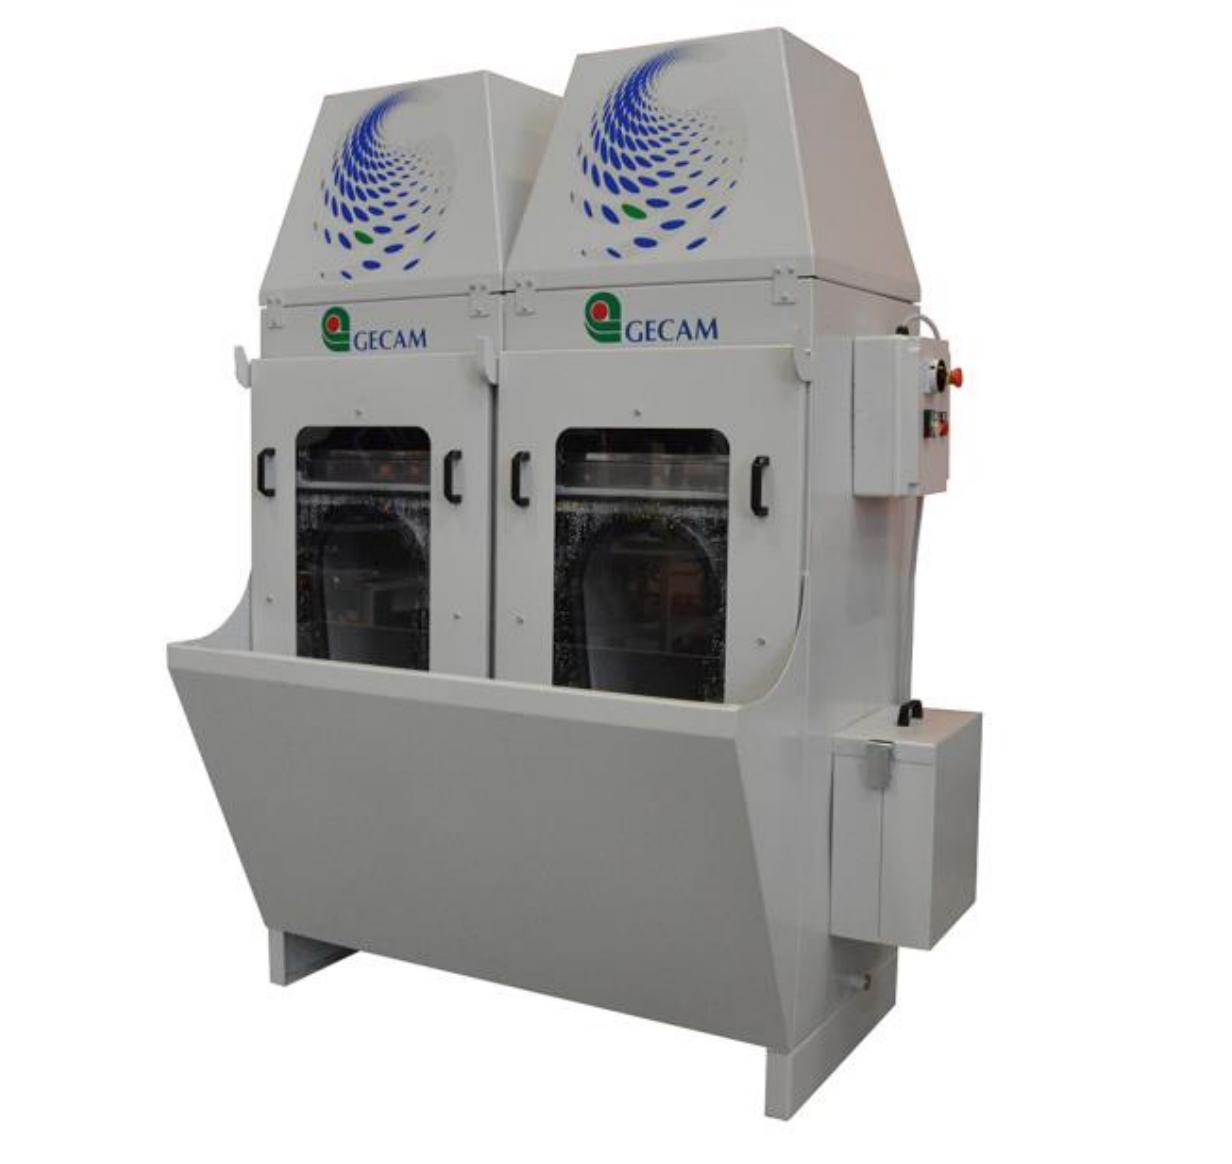 Filtr mokry do separacji pyłów i opiłków po szlifowaniu GECAM GFW 8000